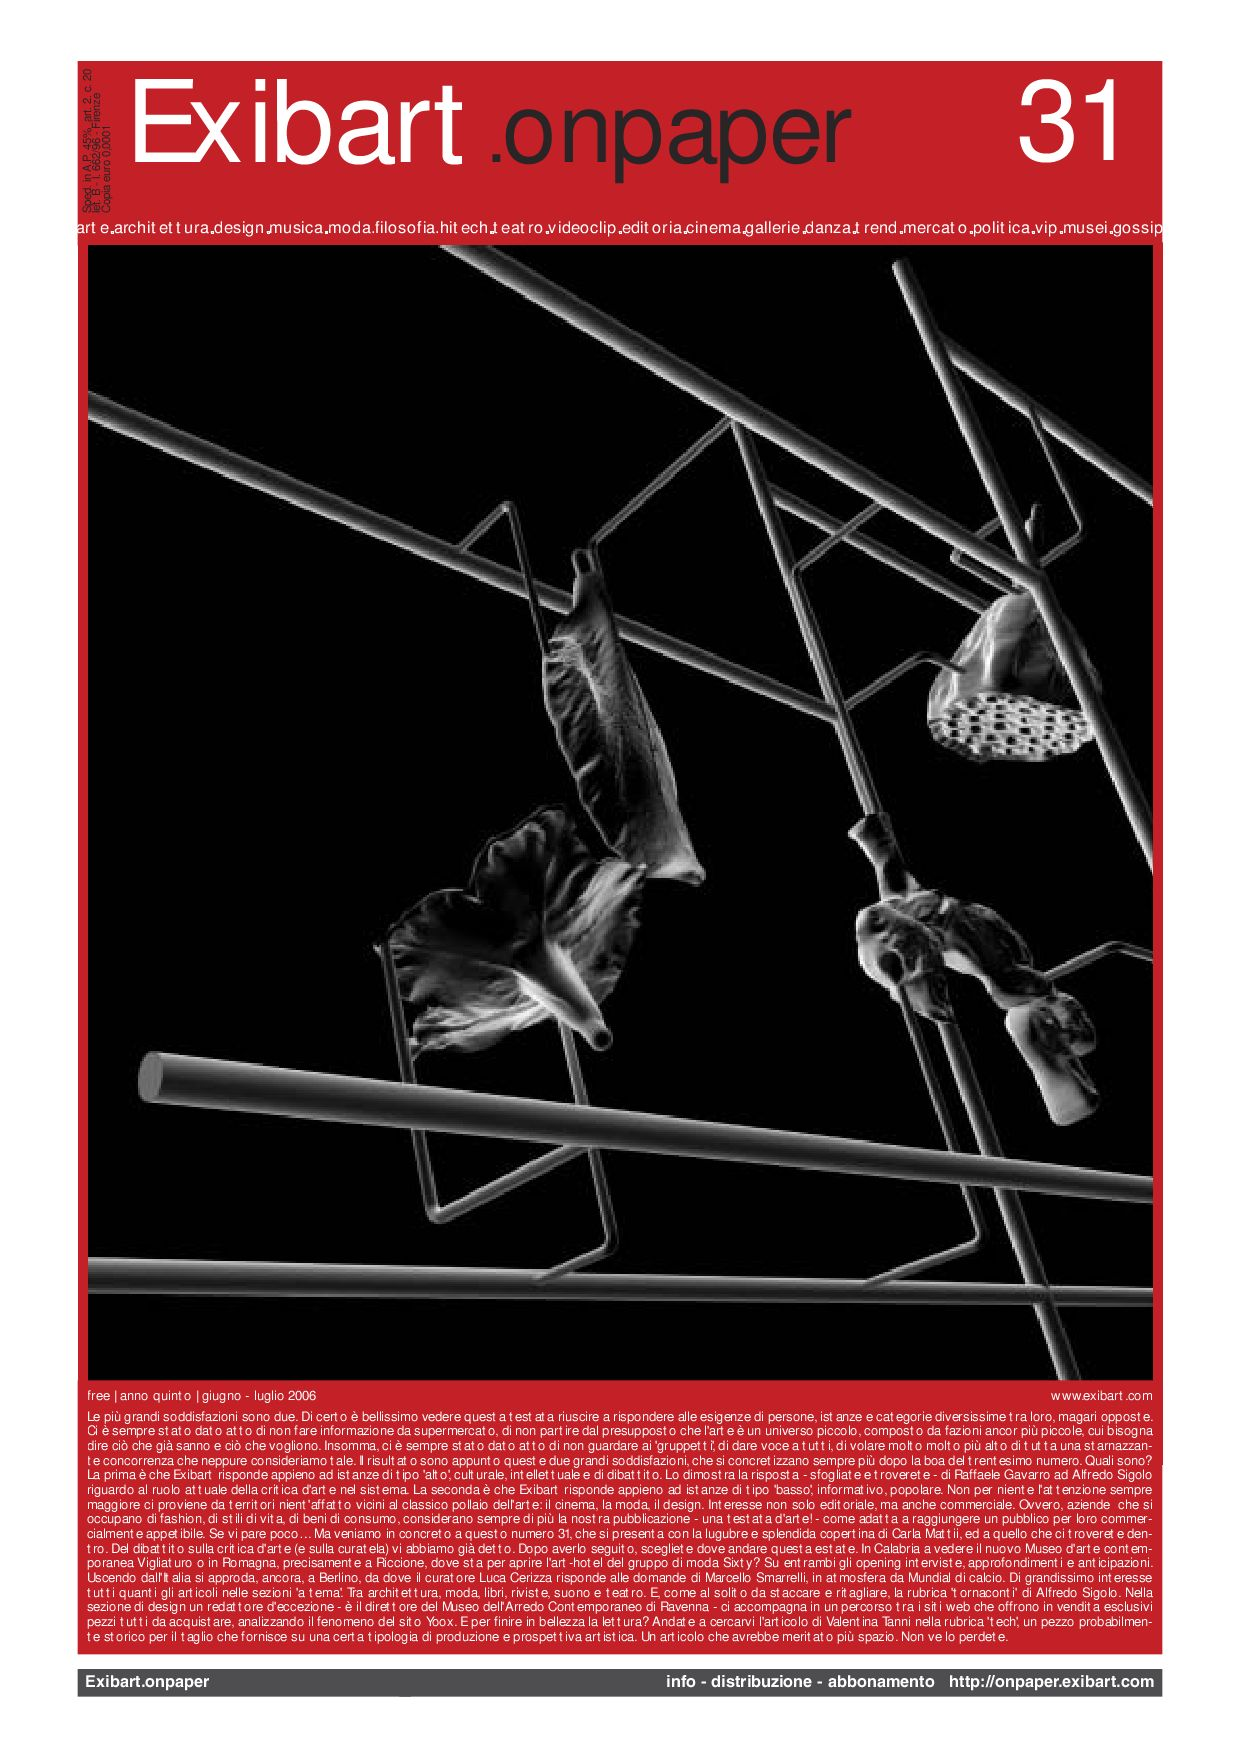 Exibart.onpaper n.31 by Exibart srl - issuu 61269a41f3c